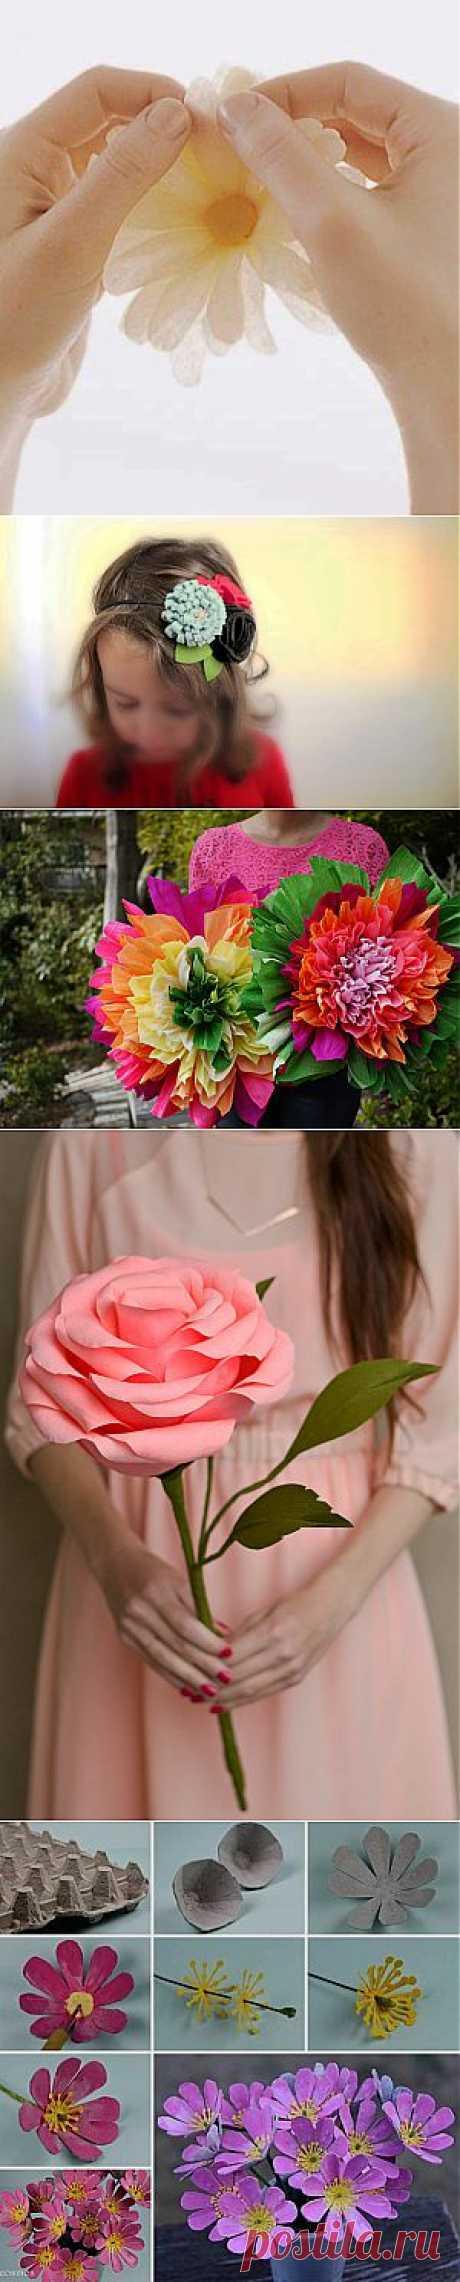 Искусственные цветы из самых разных материалов | Ladies venue